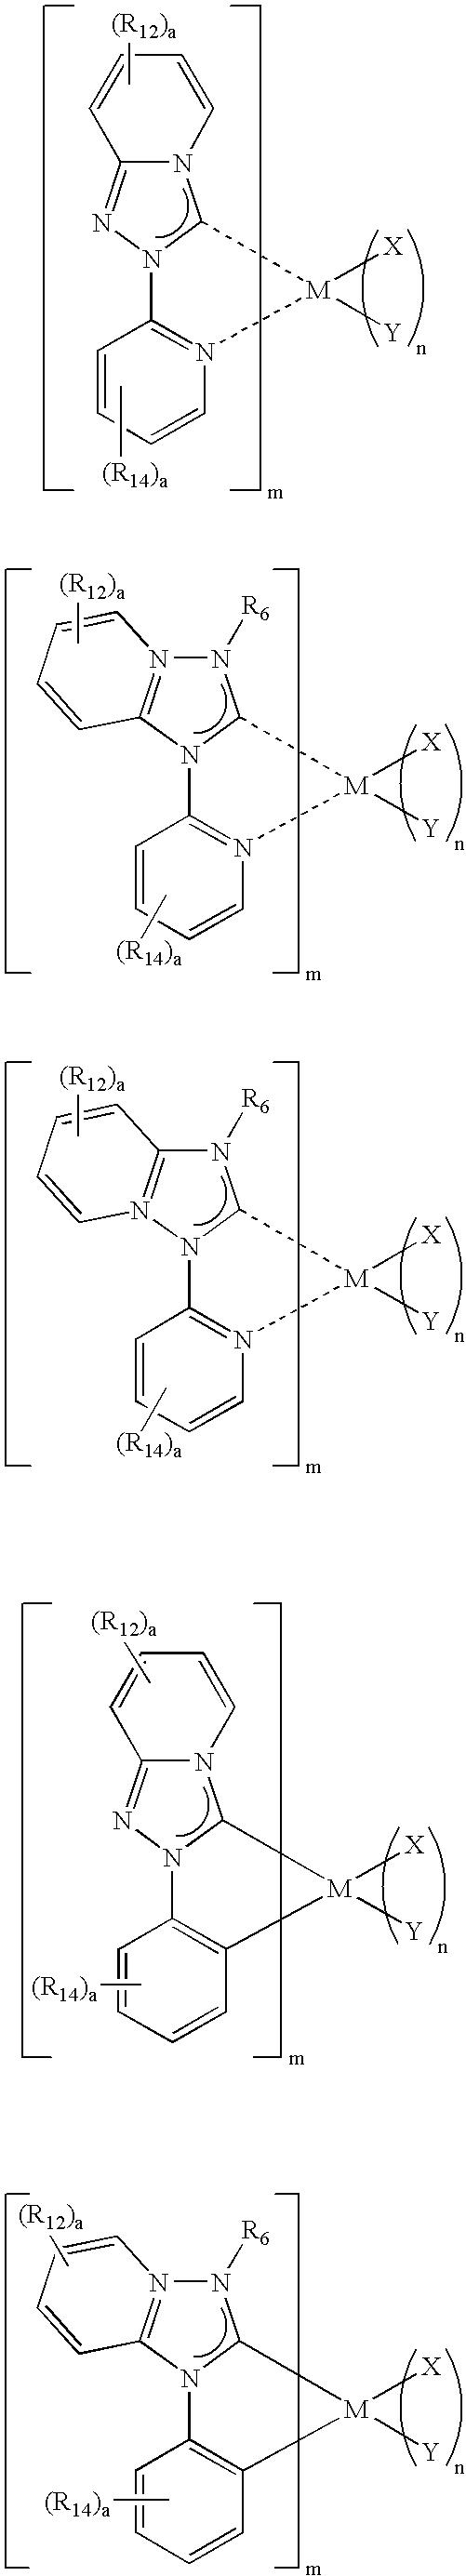 Figure US07491823-20090217-C00058